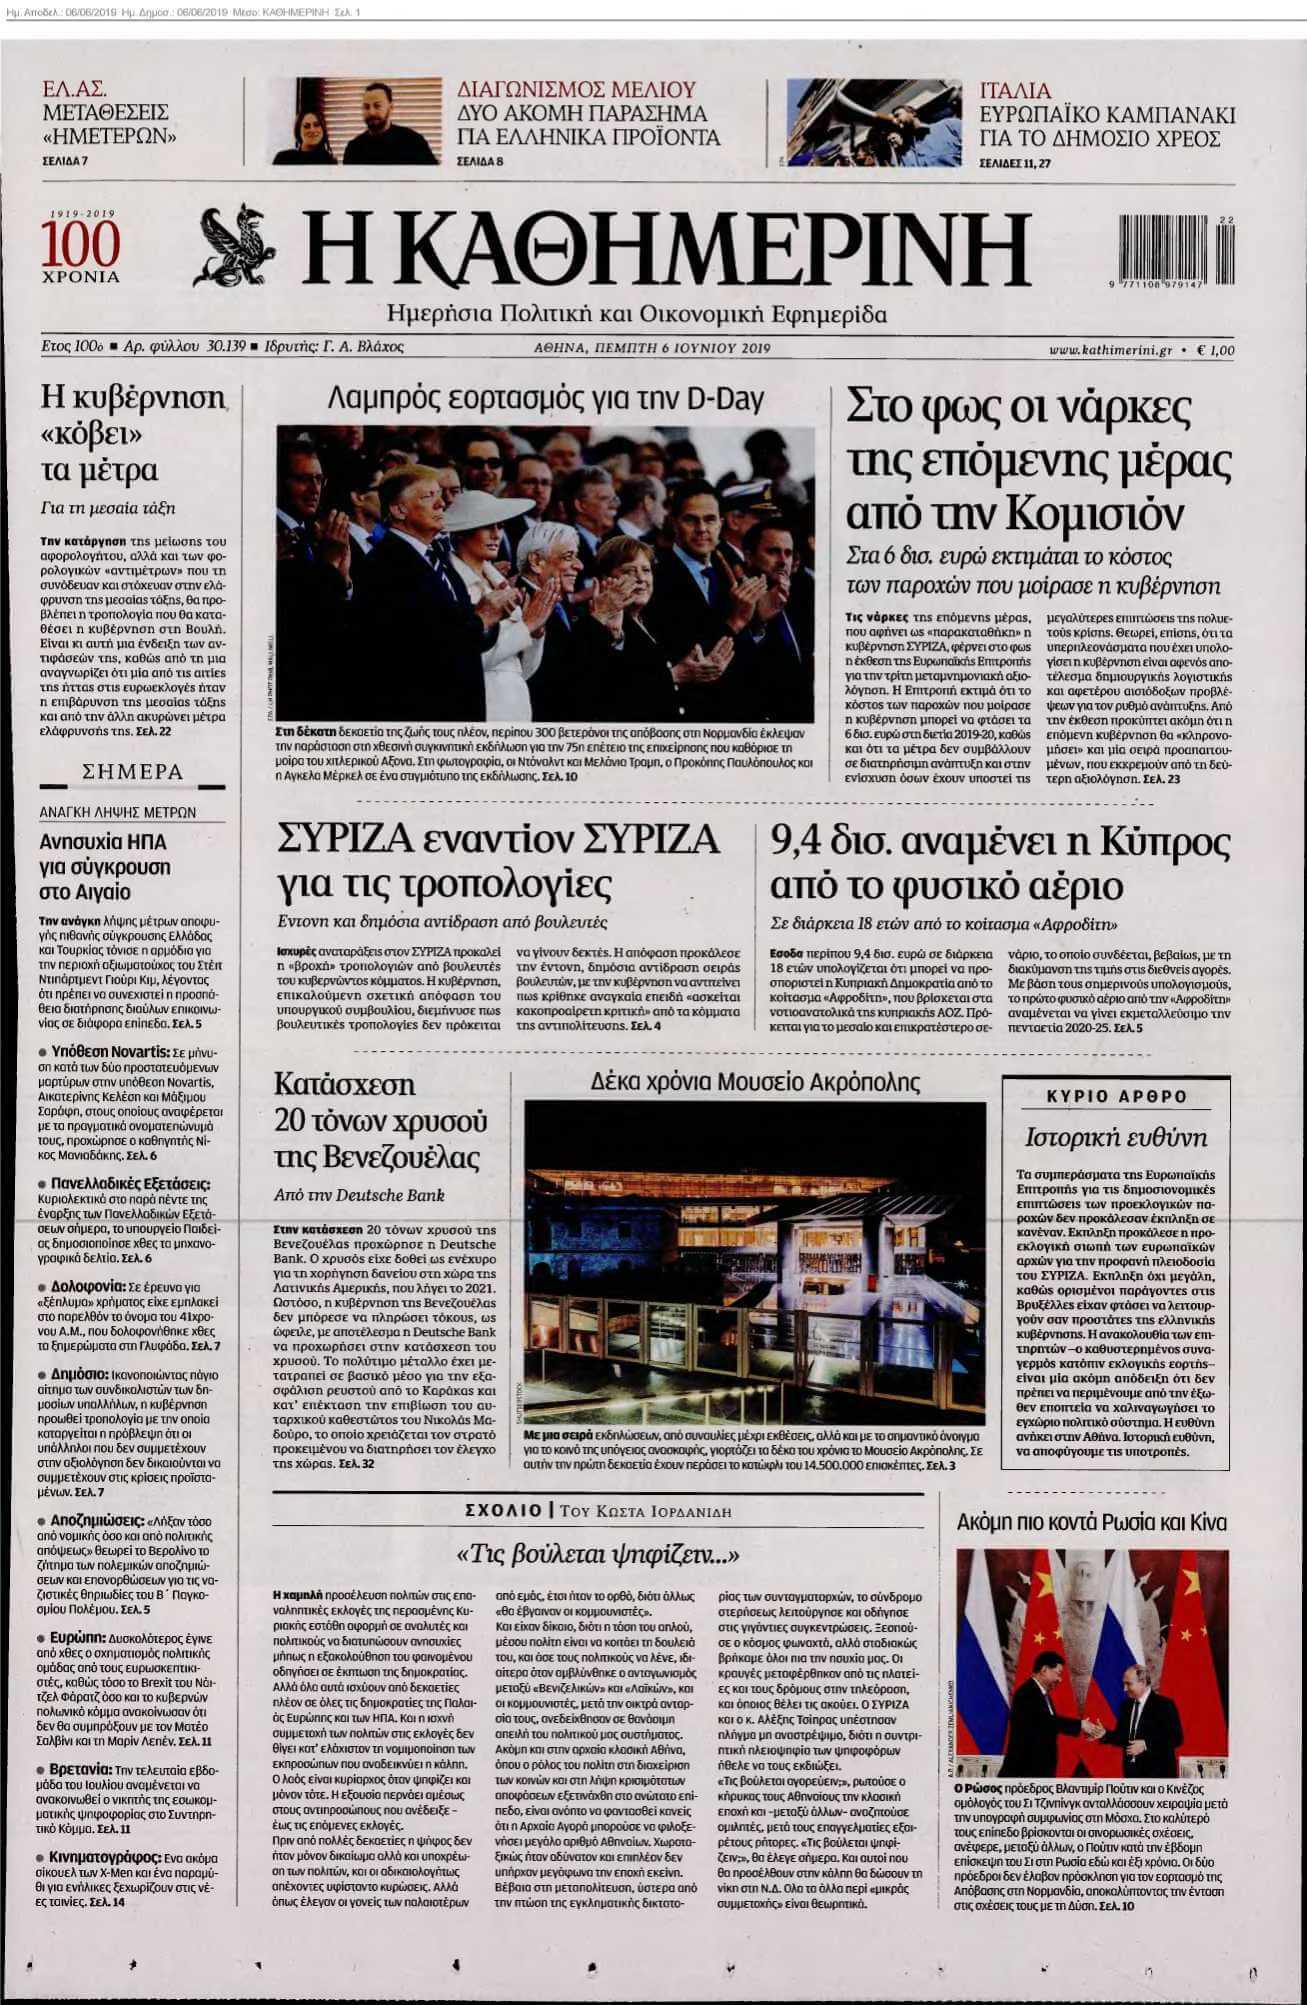 9be774f20fb ΚΑΘΗΜΕΡΙΝΗ 06/06/2019 - ΕΦΗΜΕΡΙΔΕΣ - NewsIt.gr